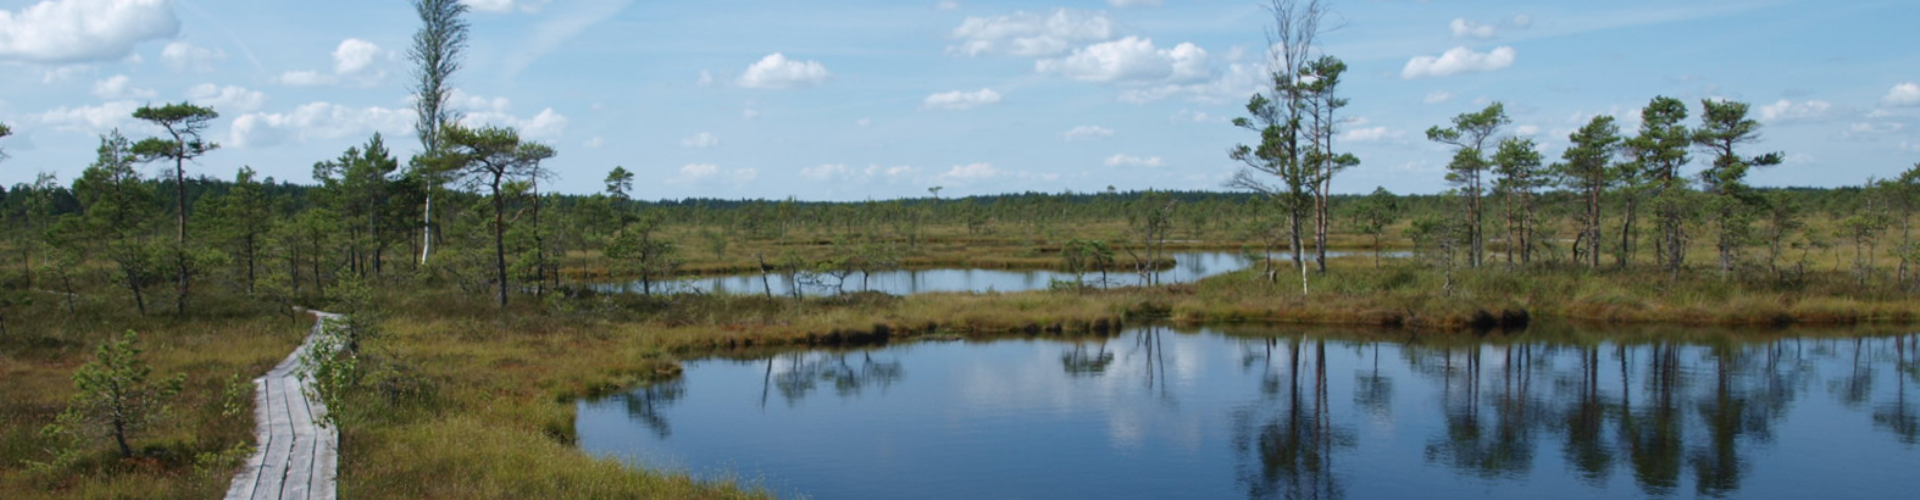 Nationaal-Park-Estland